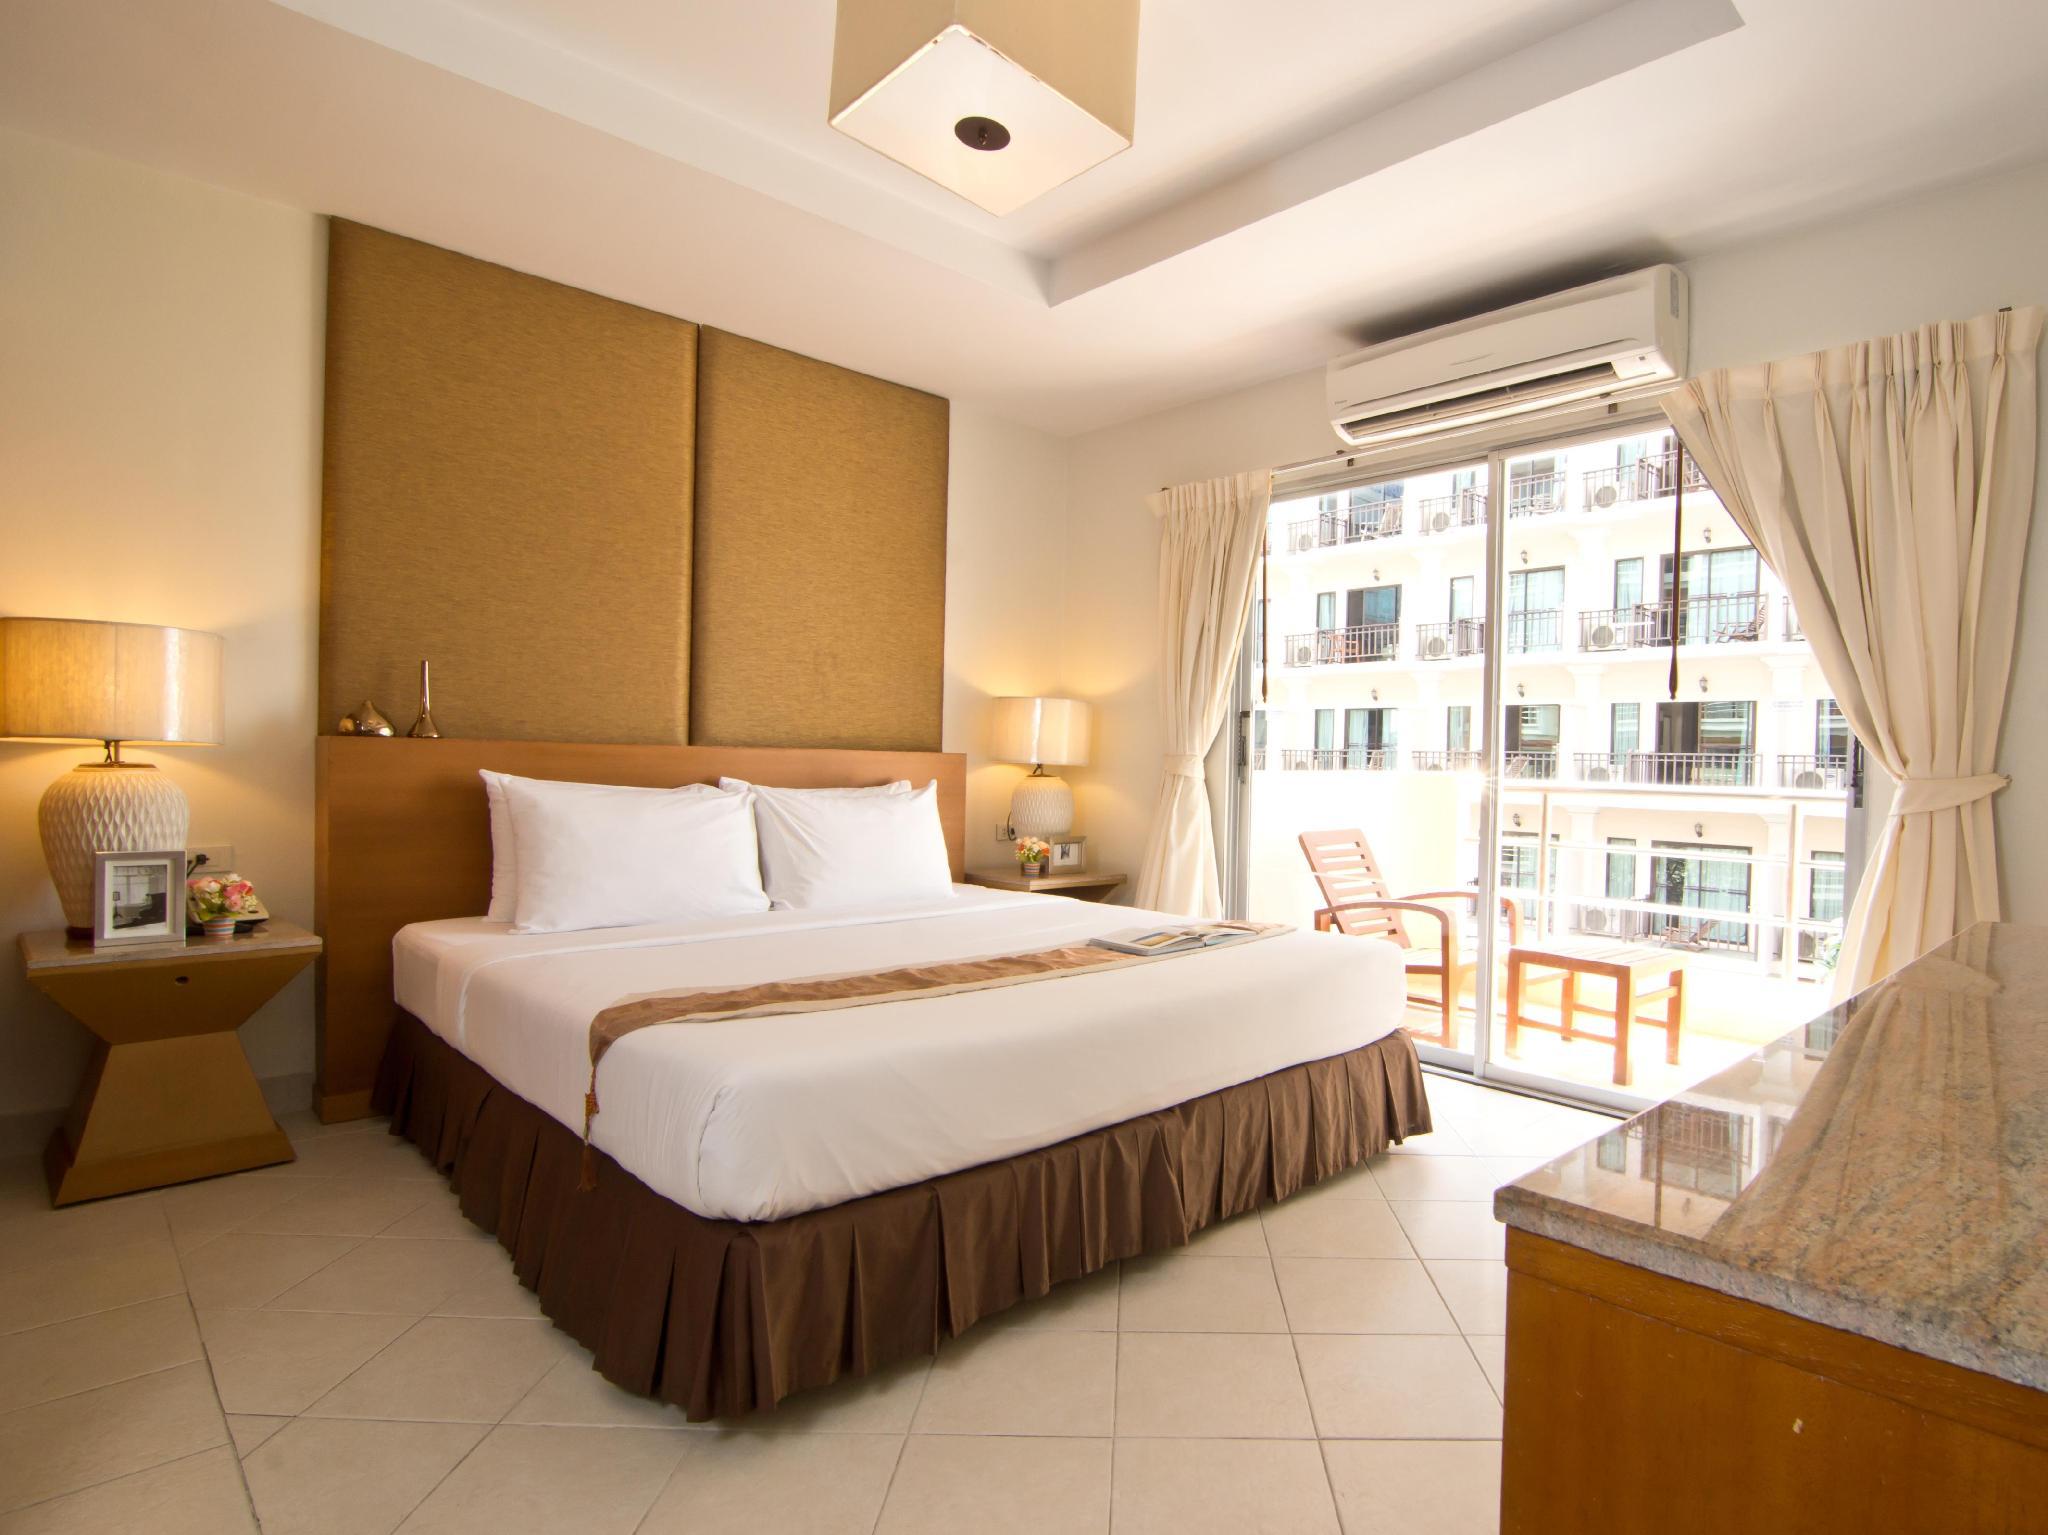 โรงแรมเบลลา วิลลา พริม่า